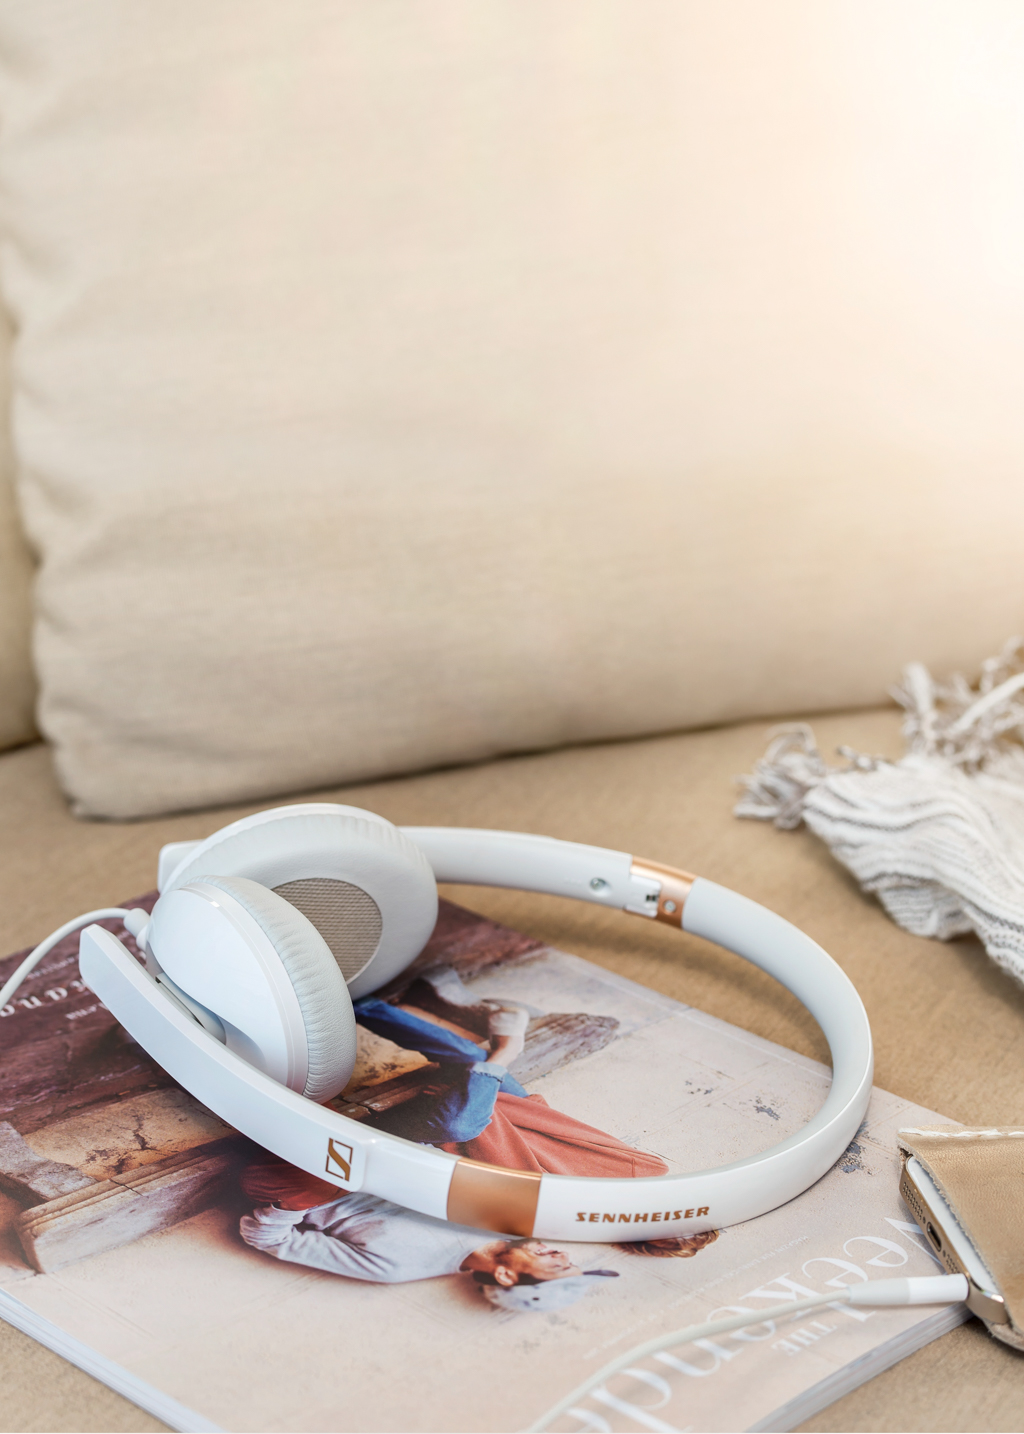 Tai nghe Sennheiser HD 2.30: gọn nhẹ, thời trang, cao cấp, chất âm hoàn hảo